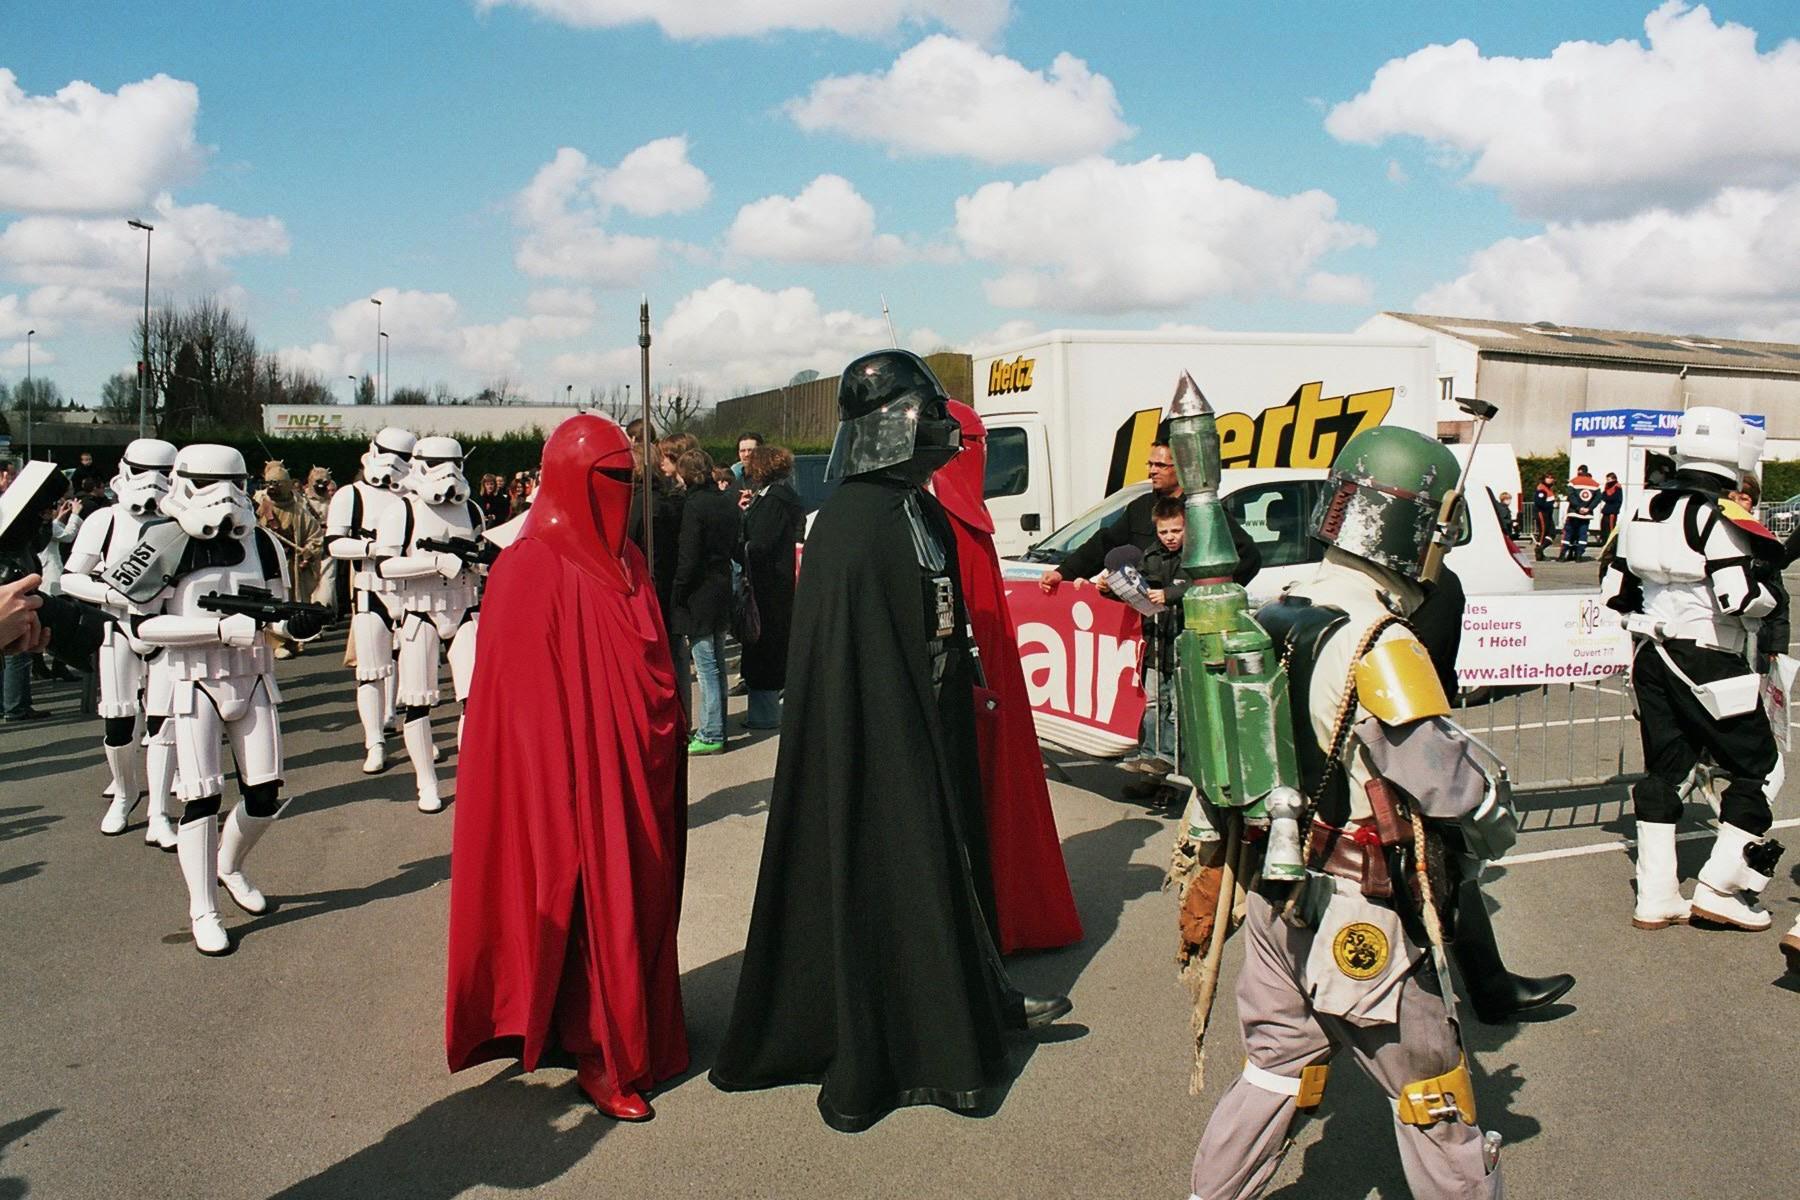 Photo 166 - Là où Vader passe...